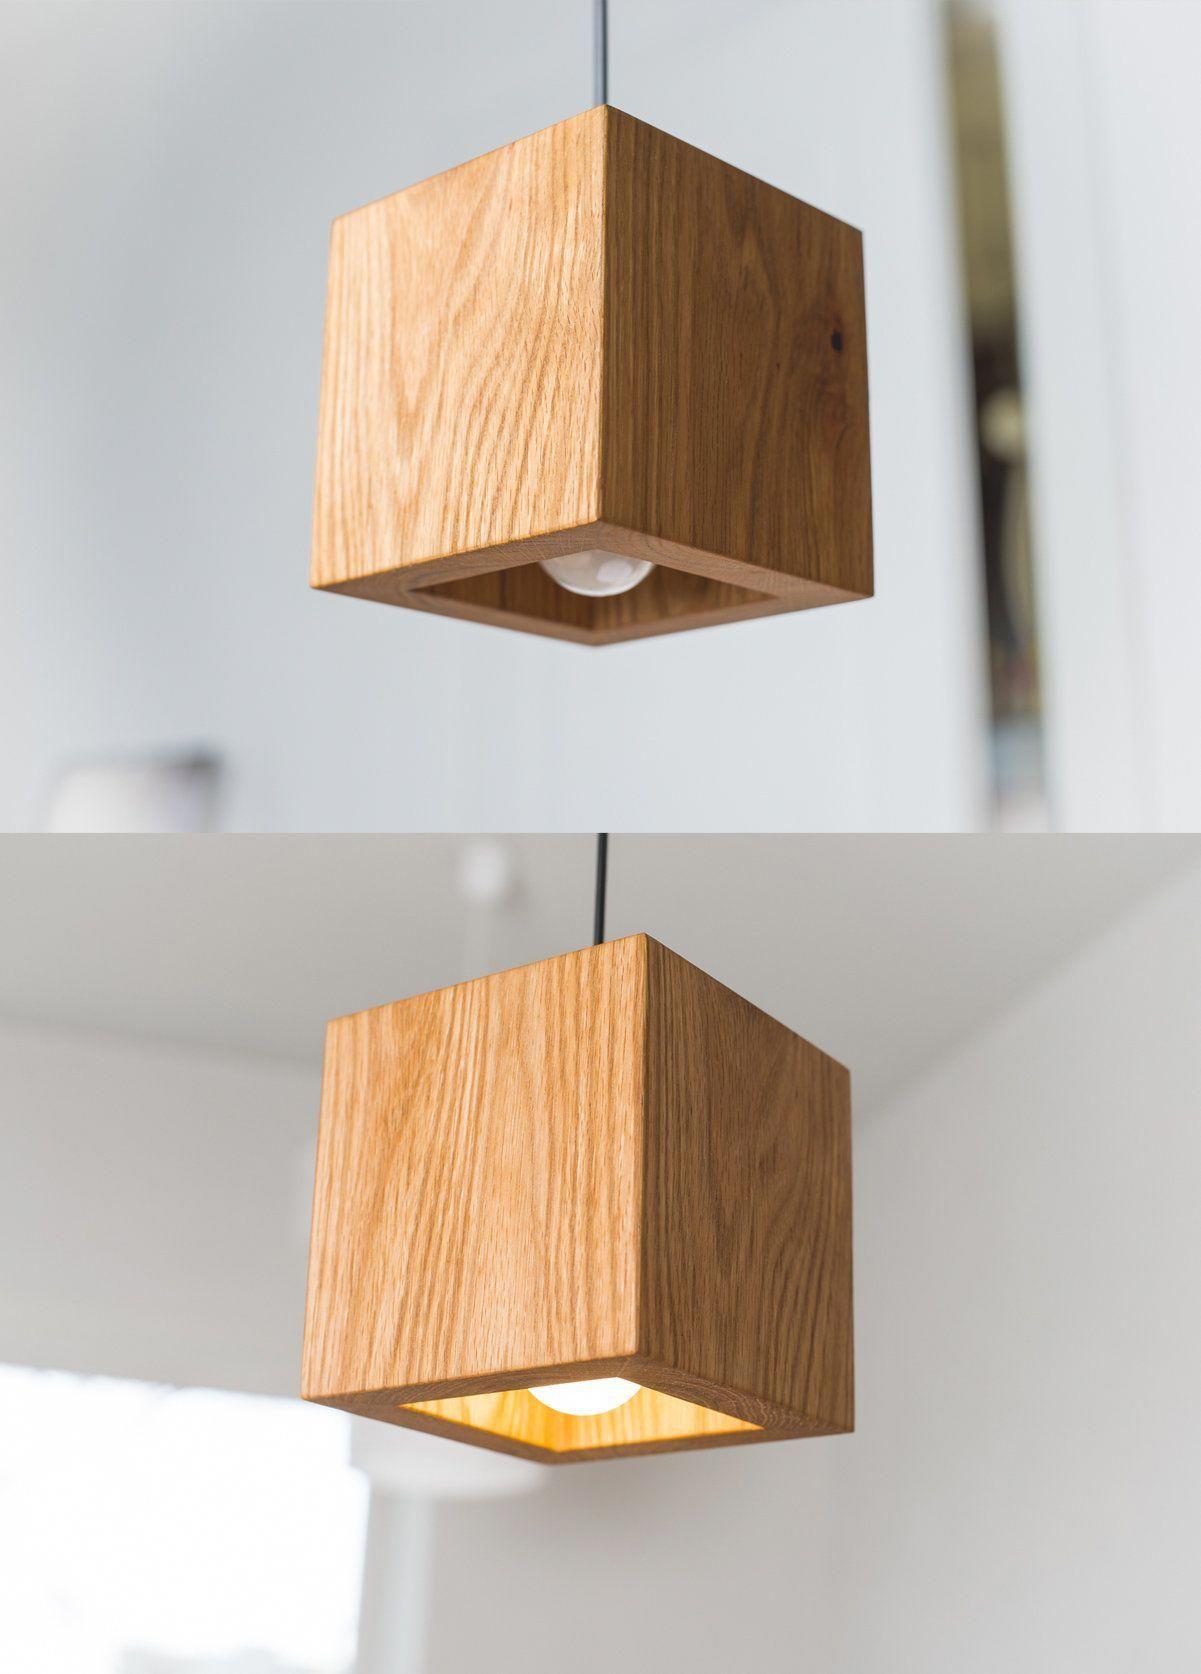 Pendant Light Q 372 Handmade Natural Oak Wooden Ceiling Lamp